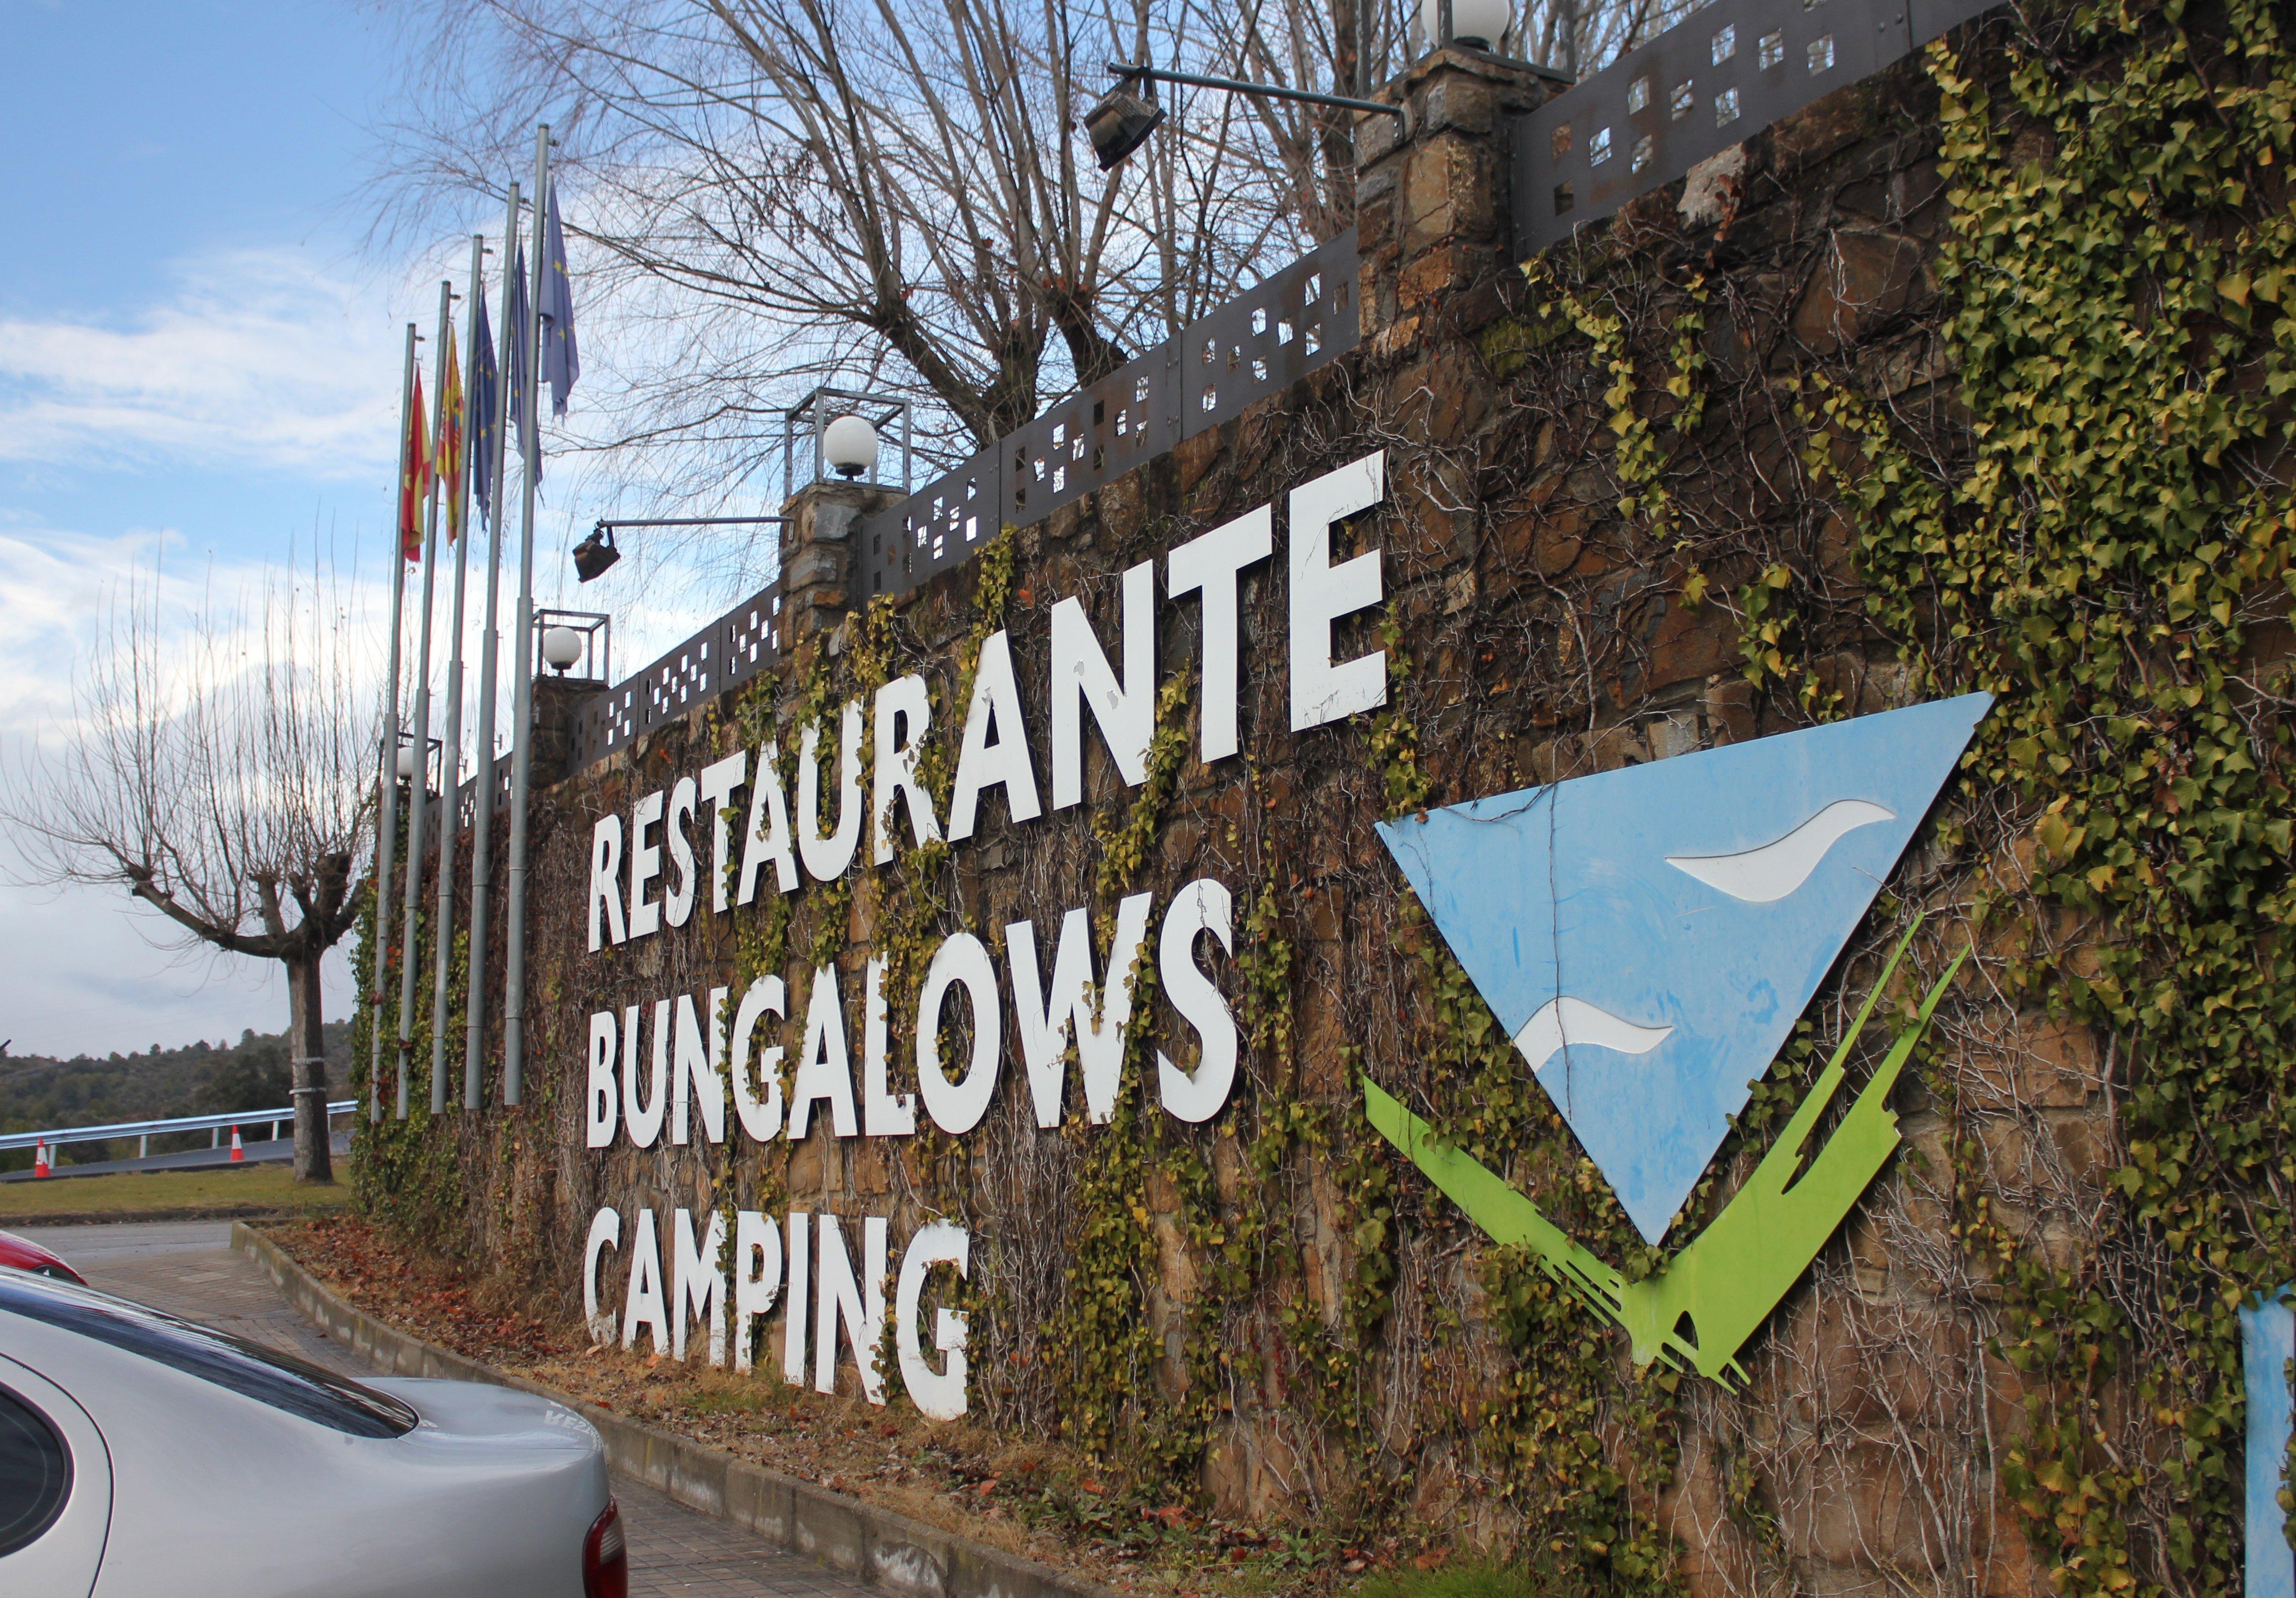 Camping Vacaciones Bungalows